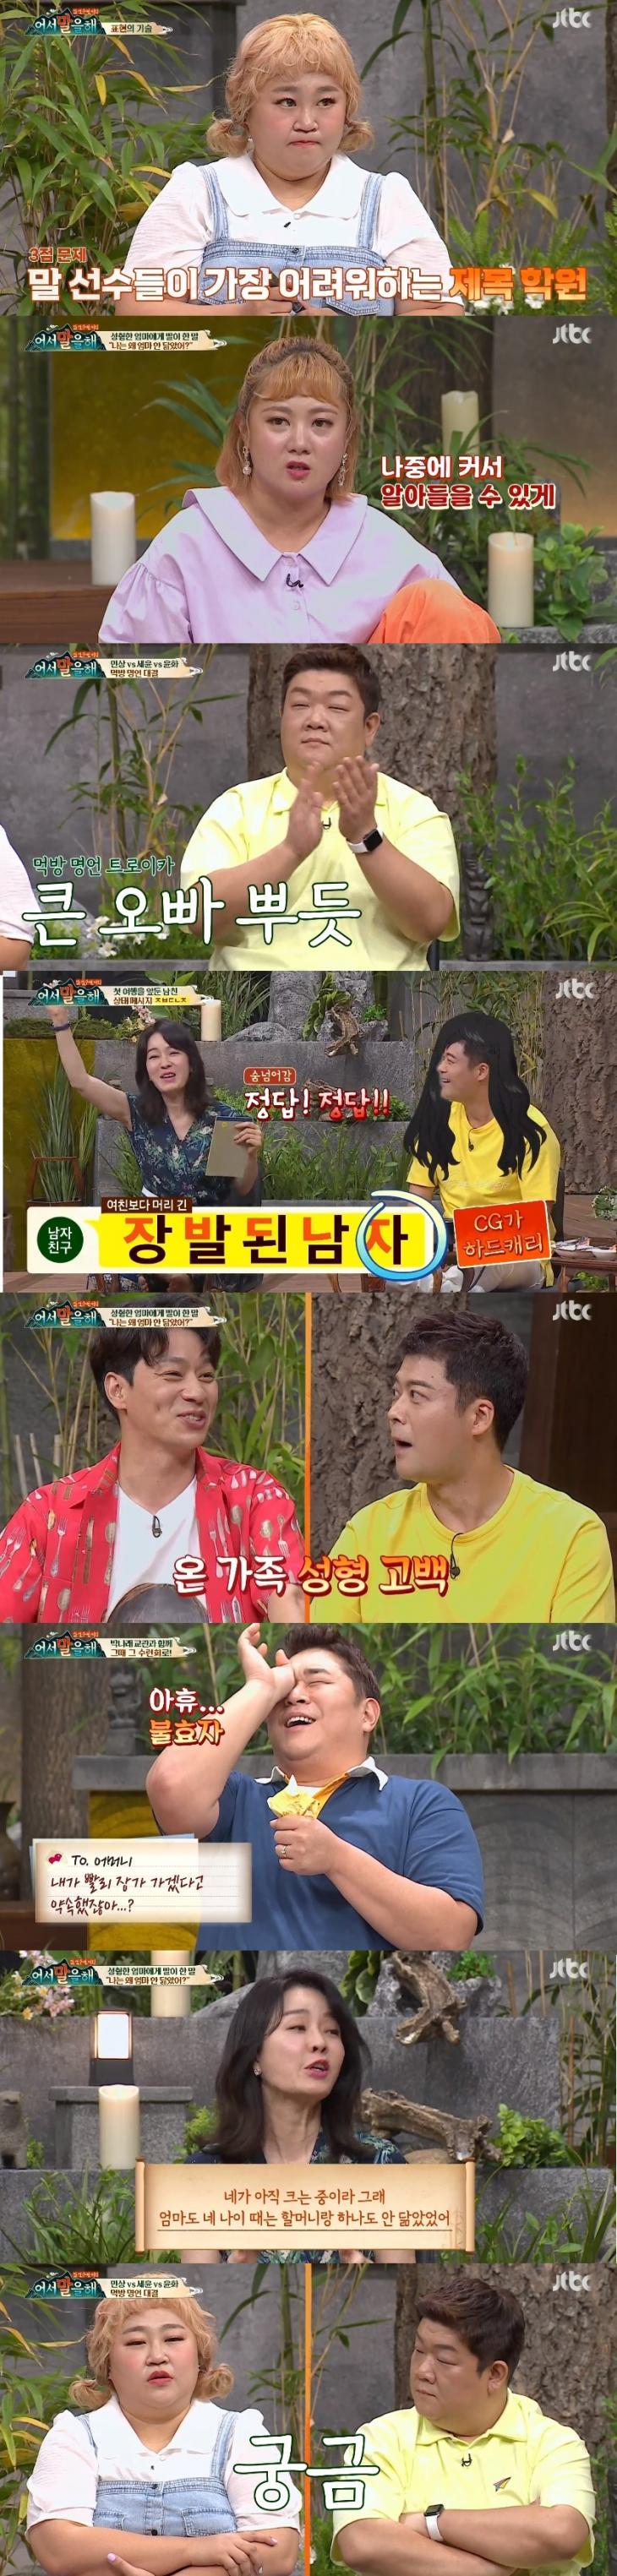 홍윤화 유민상 / JTBC '어서 말을 해' 캡처